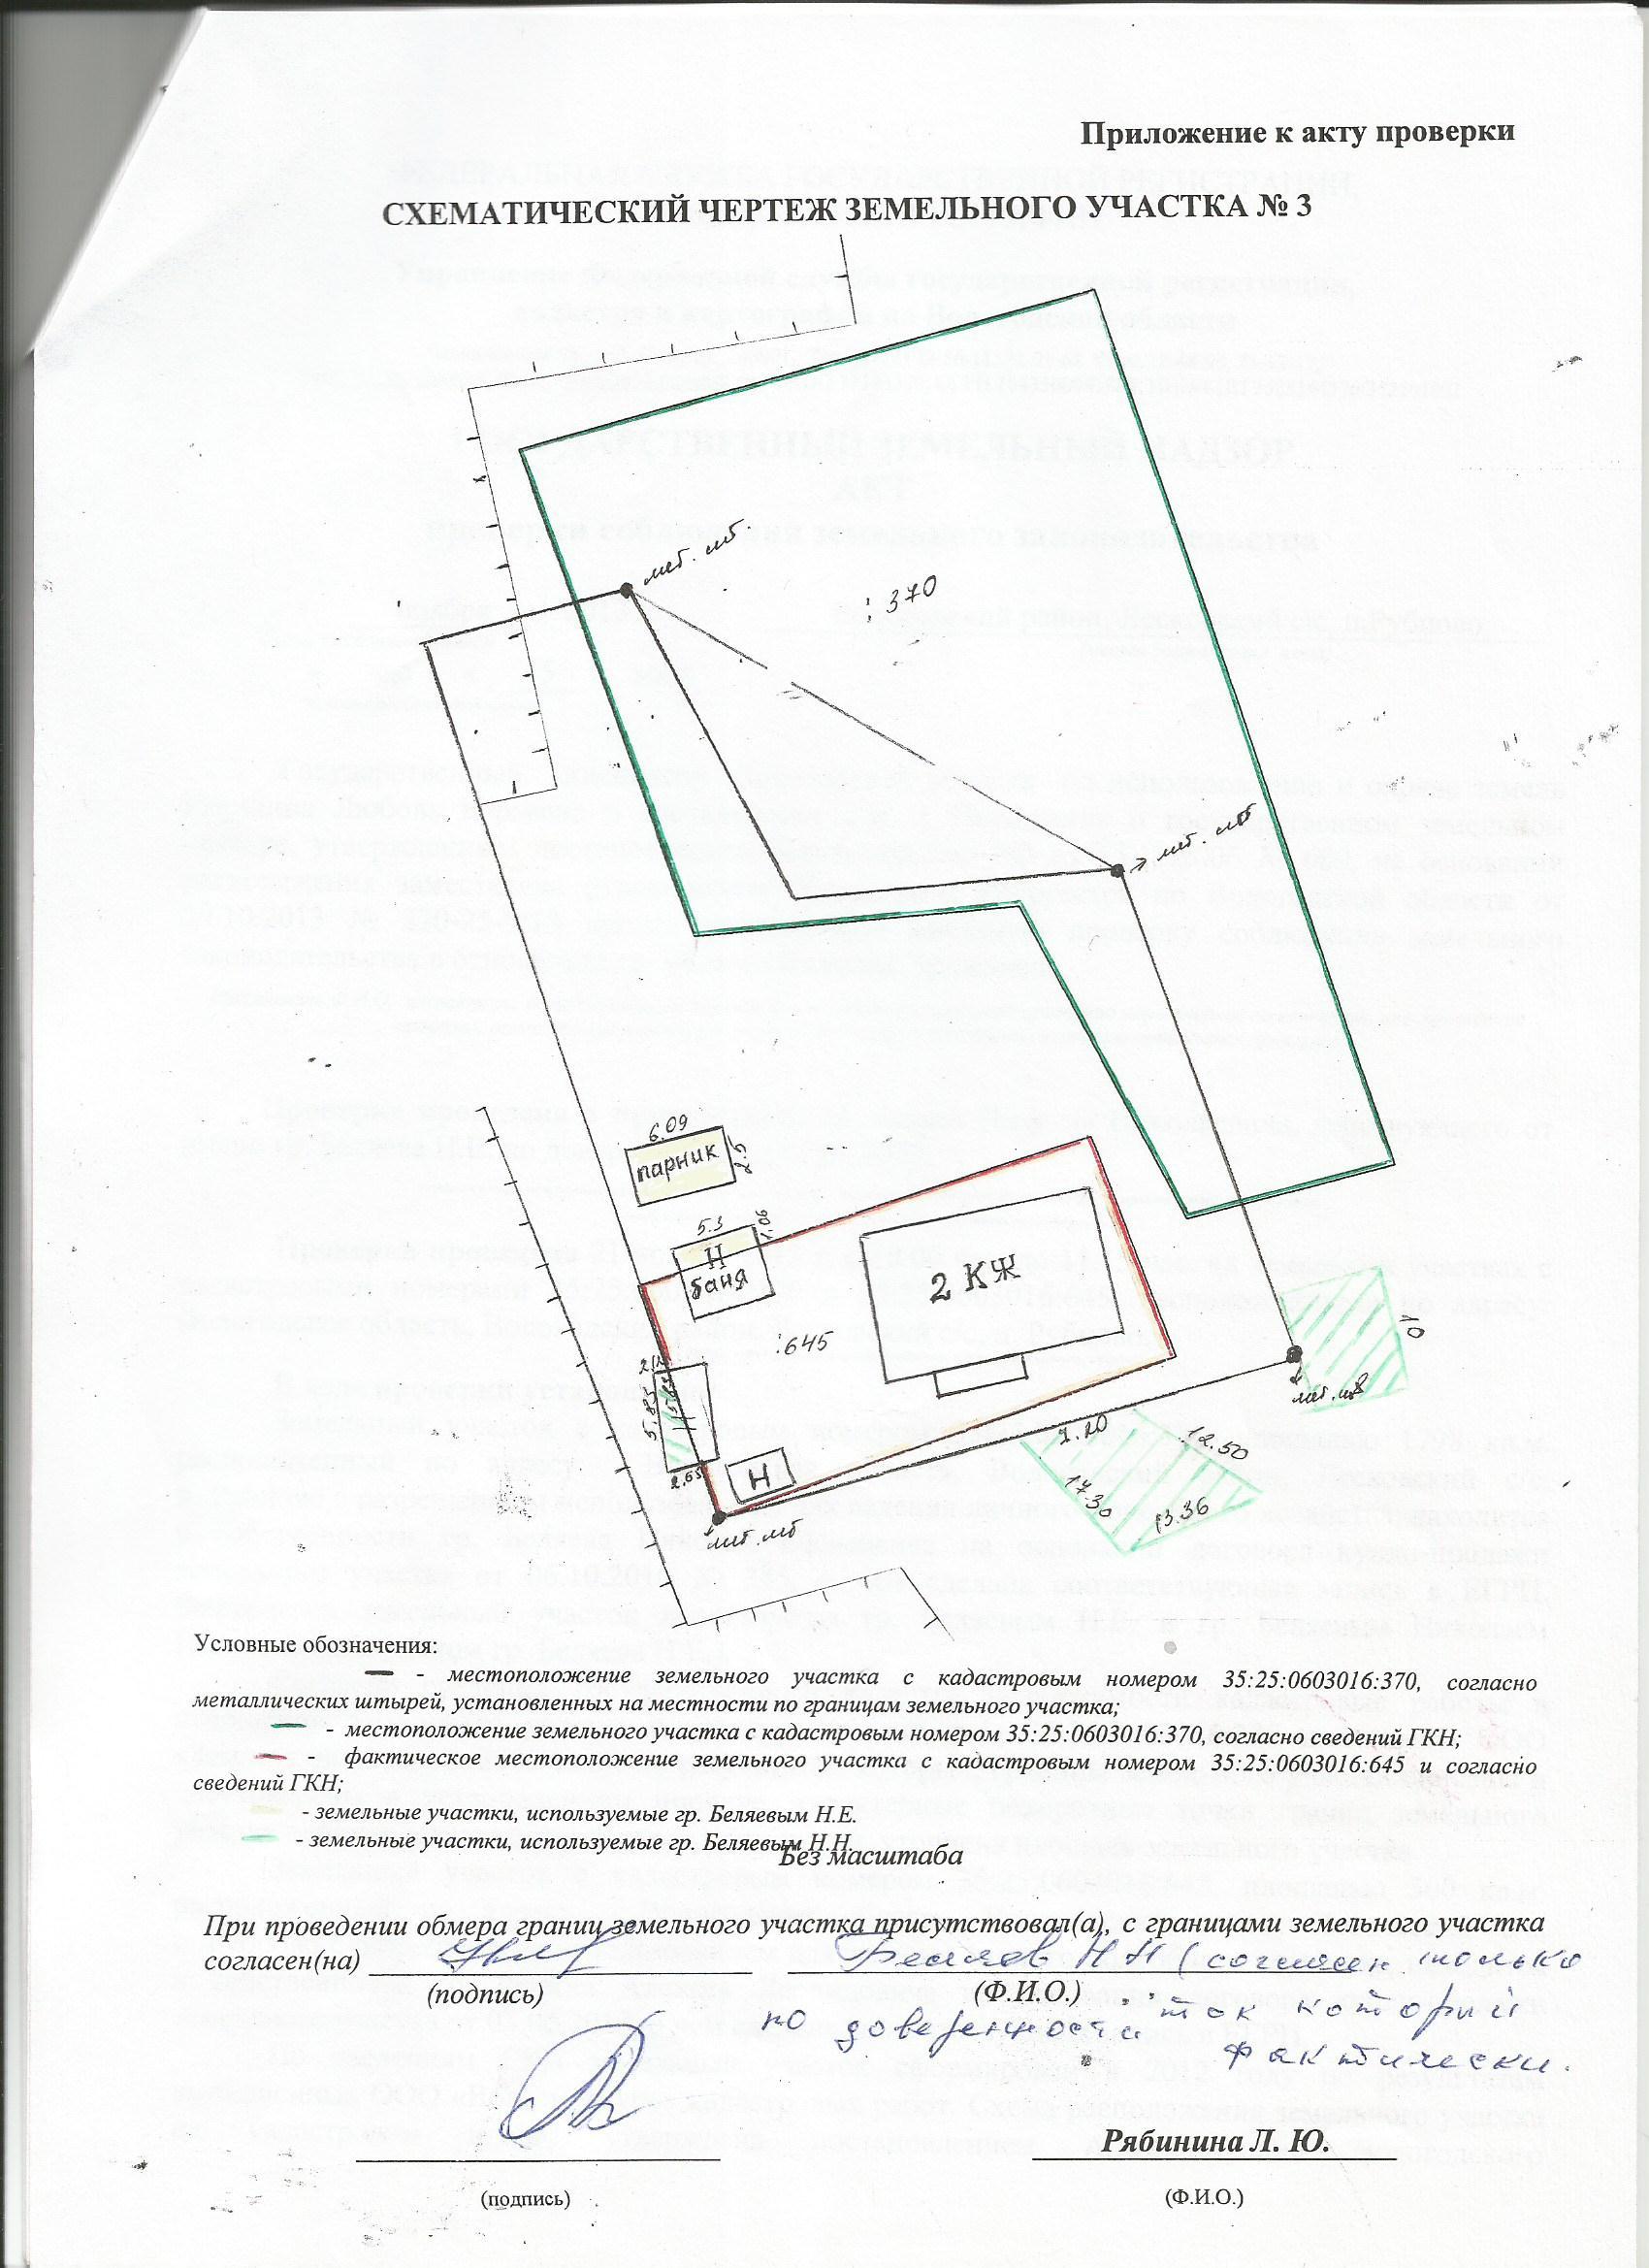 вид участка на кадастровом плане (1)